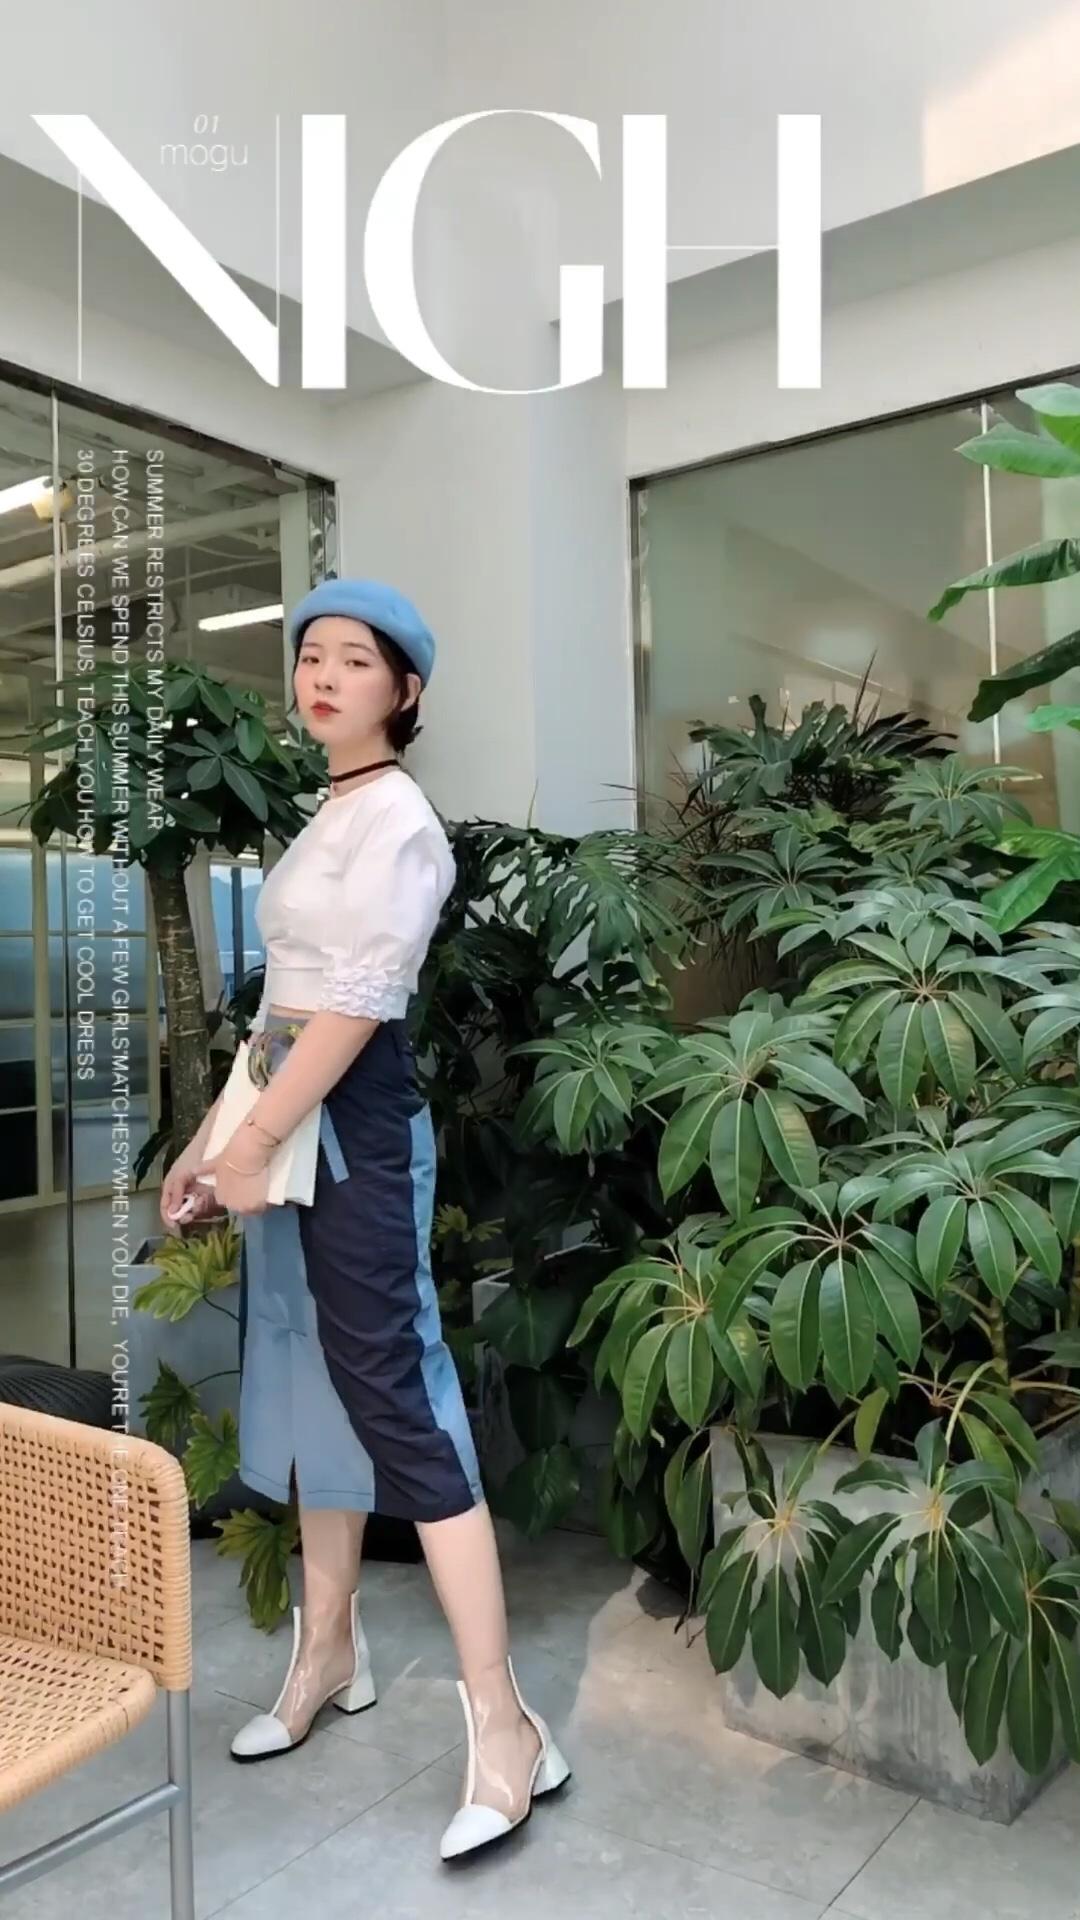 早秋穿搭第一课 白色搭配什么颜色都好看 搭配蓝色尤其清新 这条裙子的设计两边采用深色更显瘦哦~ #通勤套装get,上班5分钟!#